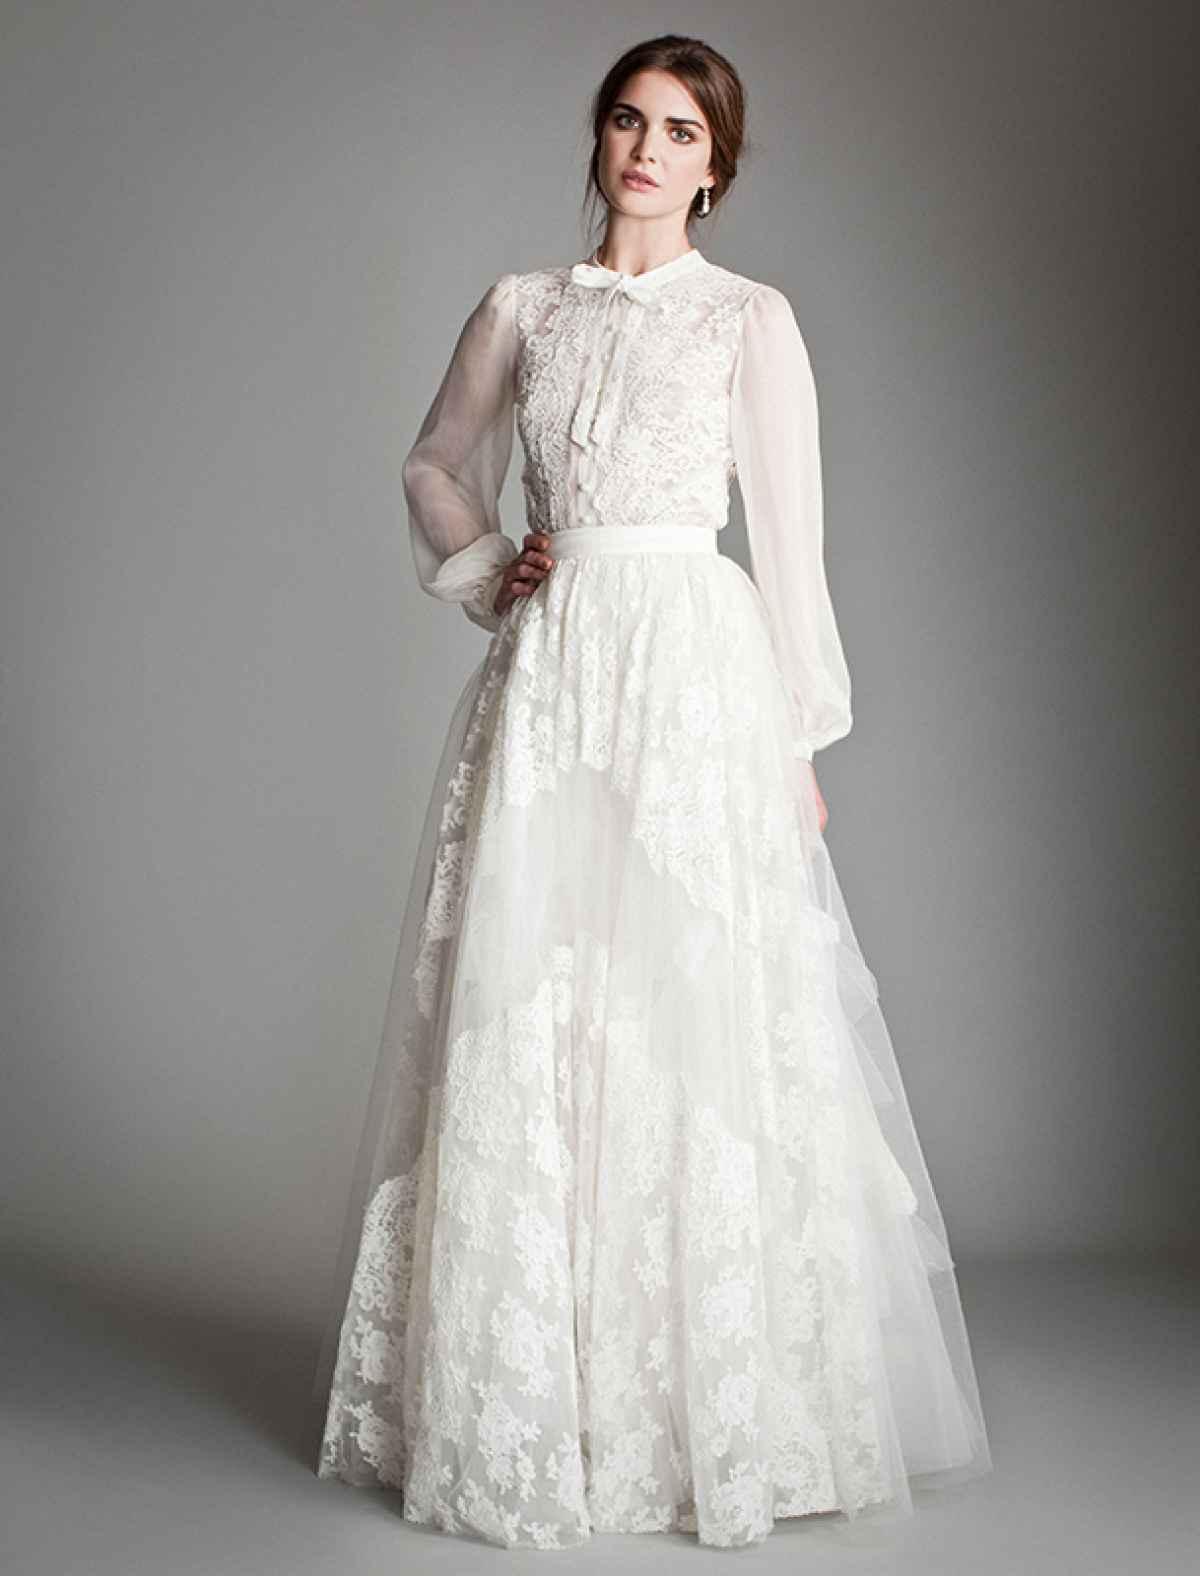 Платье для венчания с рукавами-фонариками